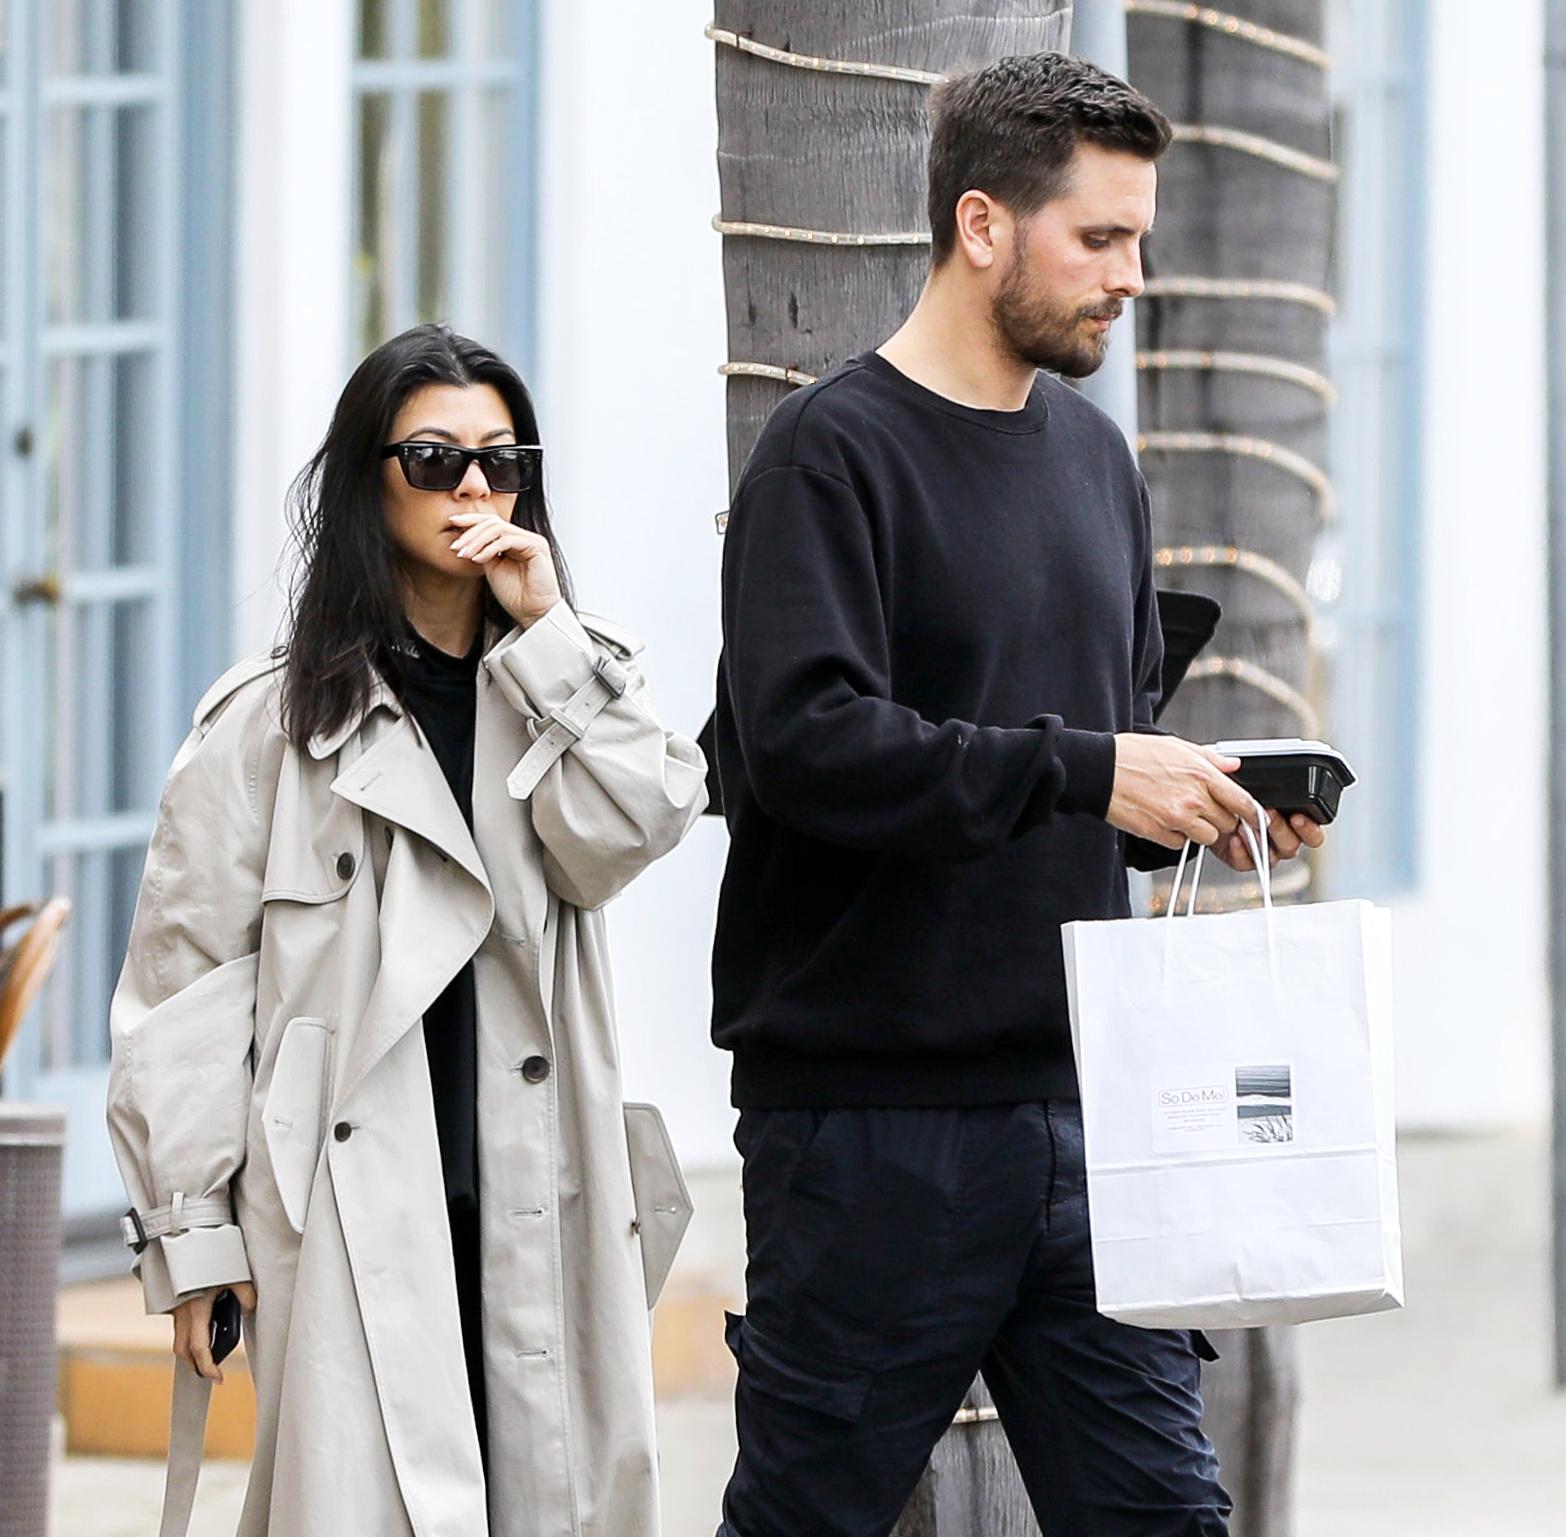 Kourtney Kardashian i Scott Disick przyłapani razem przez fotoreporterów.